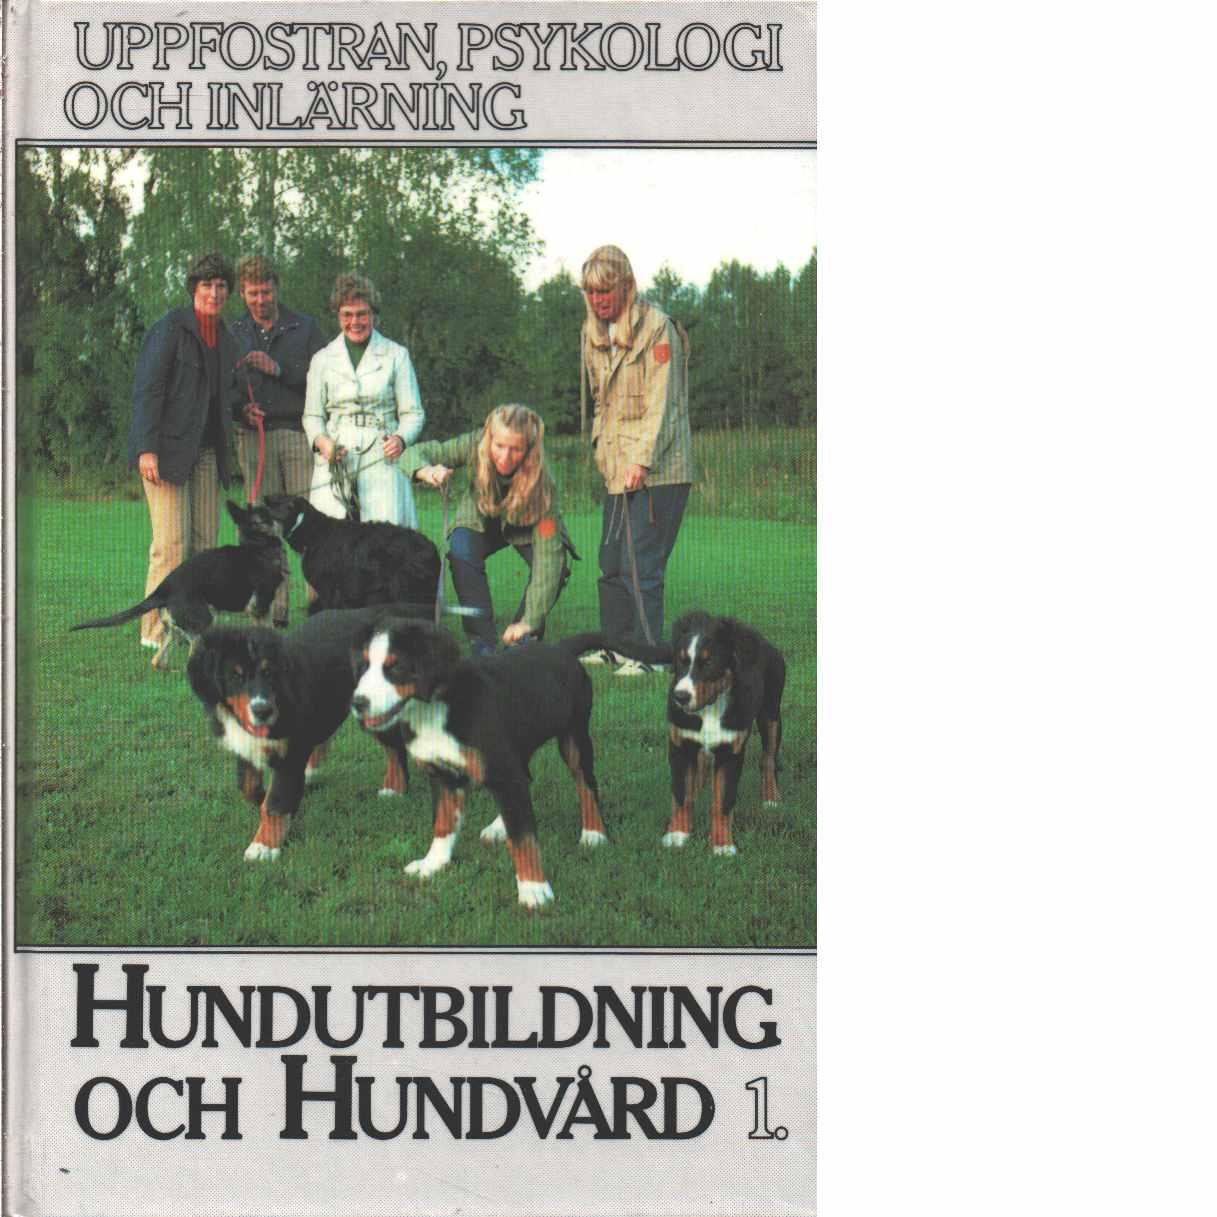 Uppfostran, psykologi och inlärning. HUNDUTBILDNING OCH HUNDVÅRD 1 - Pehrsson, Tage och Bergman, Göran